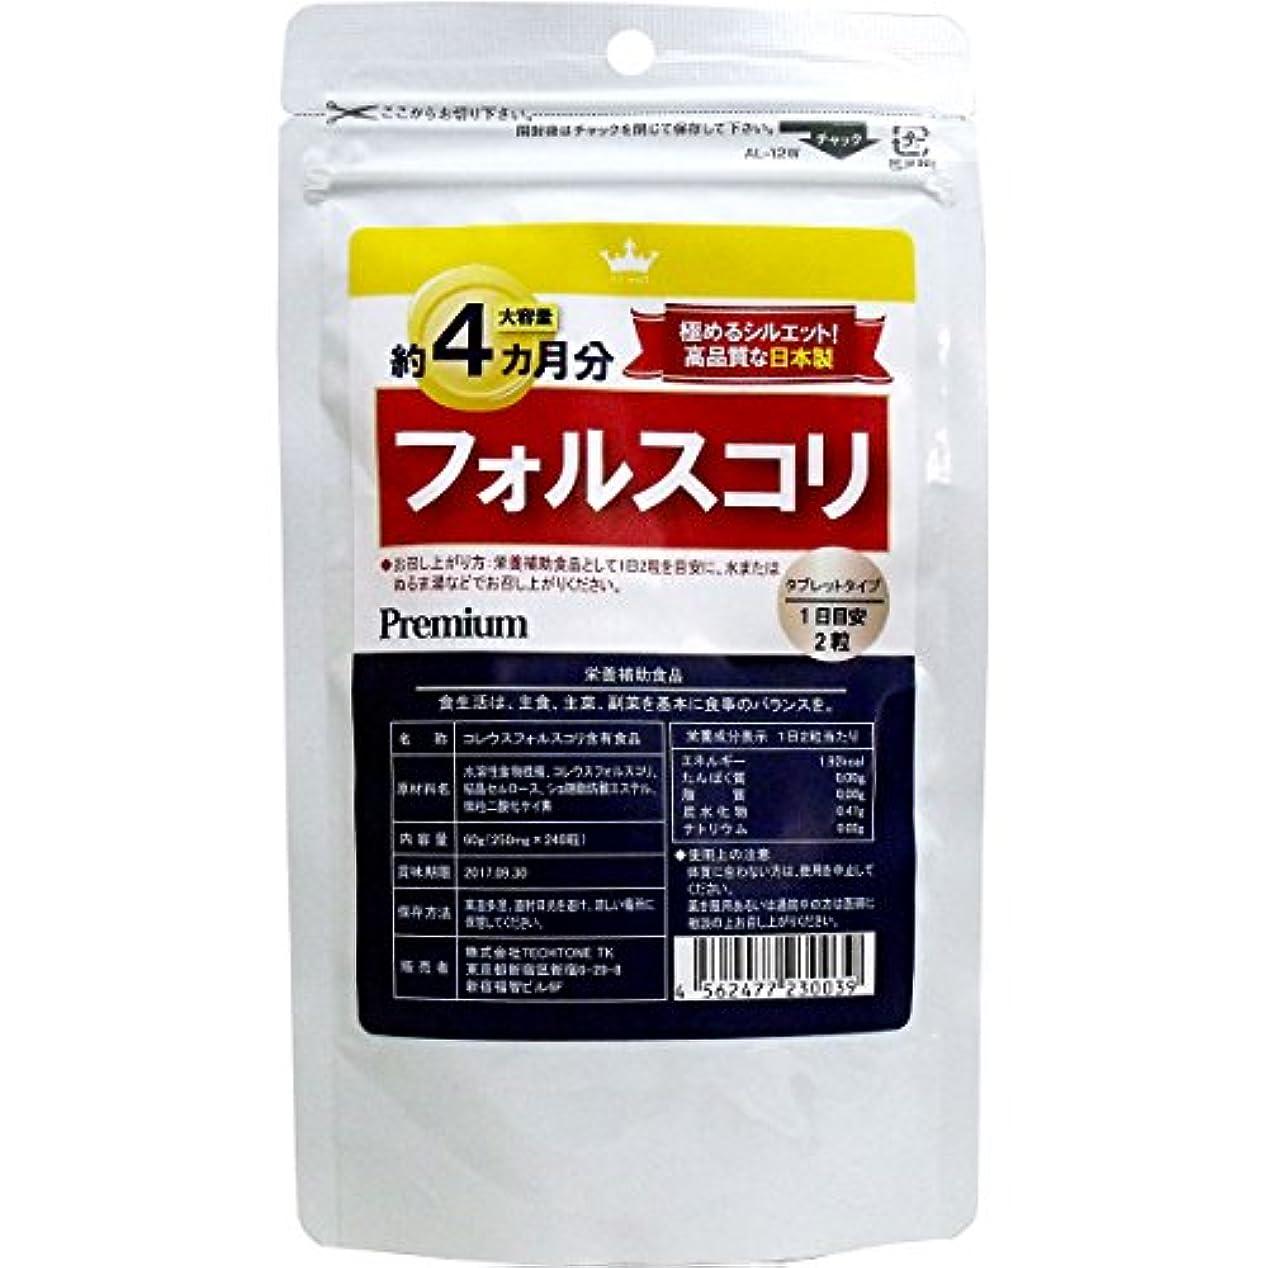 矢じり路地豆腐サプリ 極めるシルエット 栄養機能食品 フォルスコリ 約4カ月分 240粒入【5個セット】